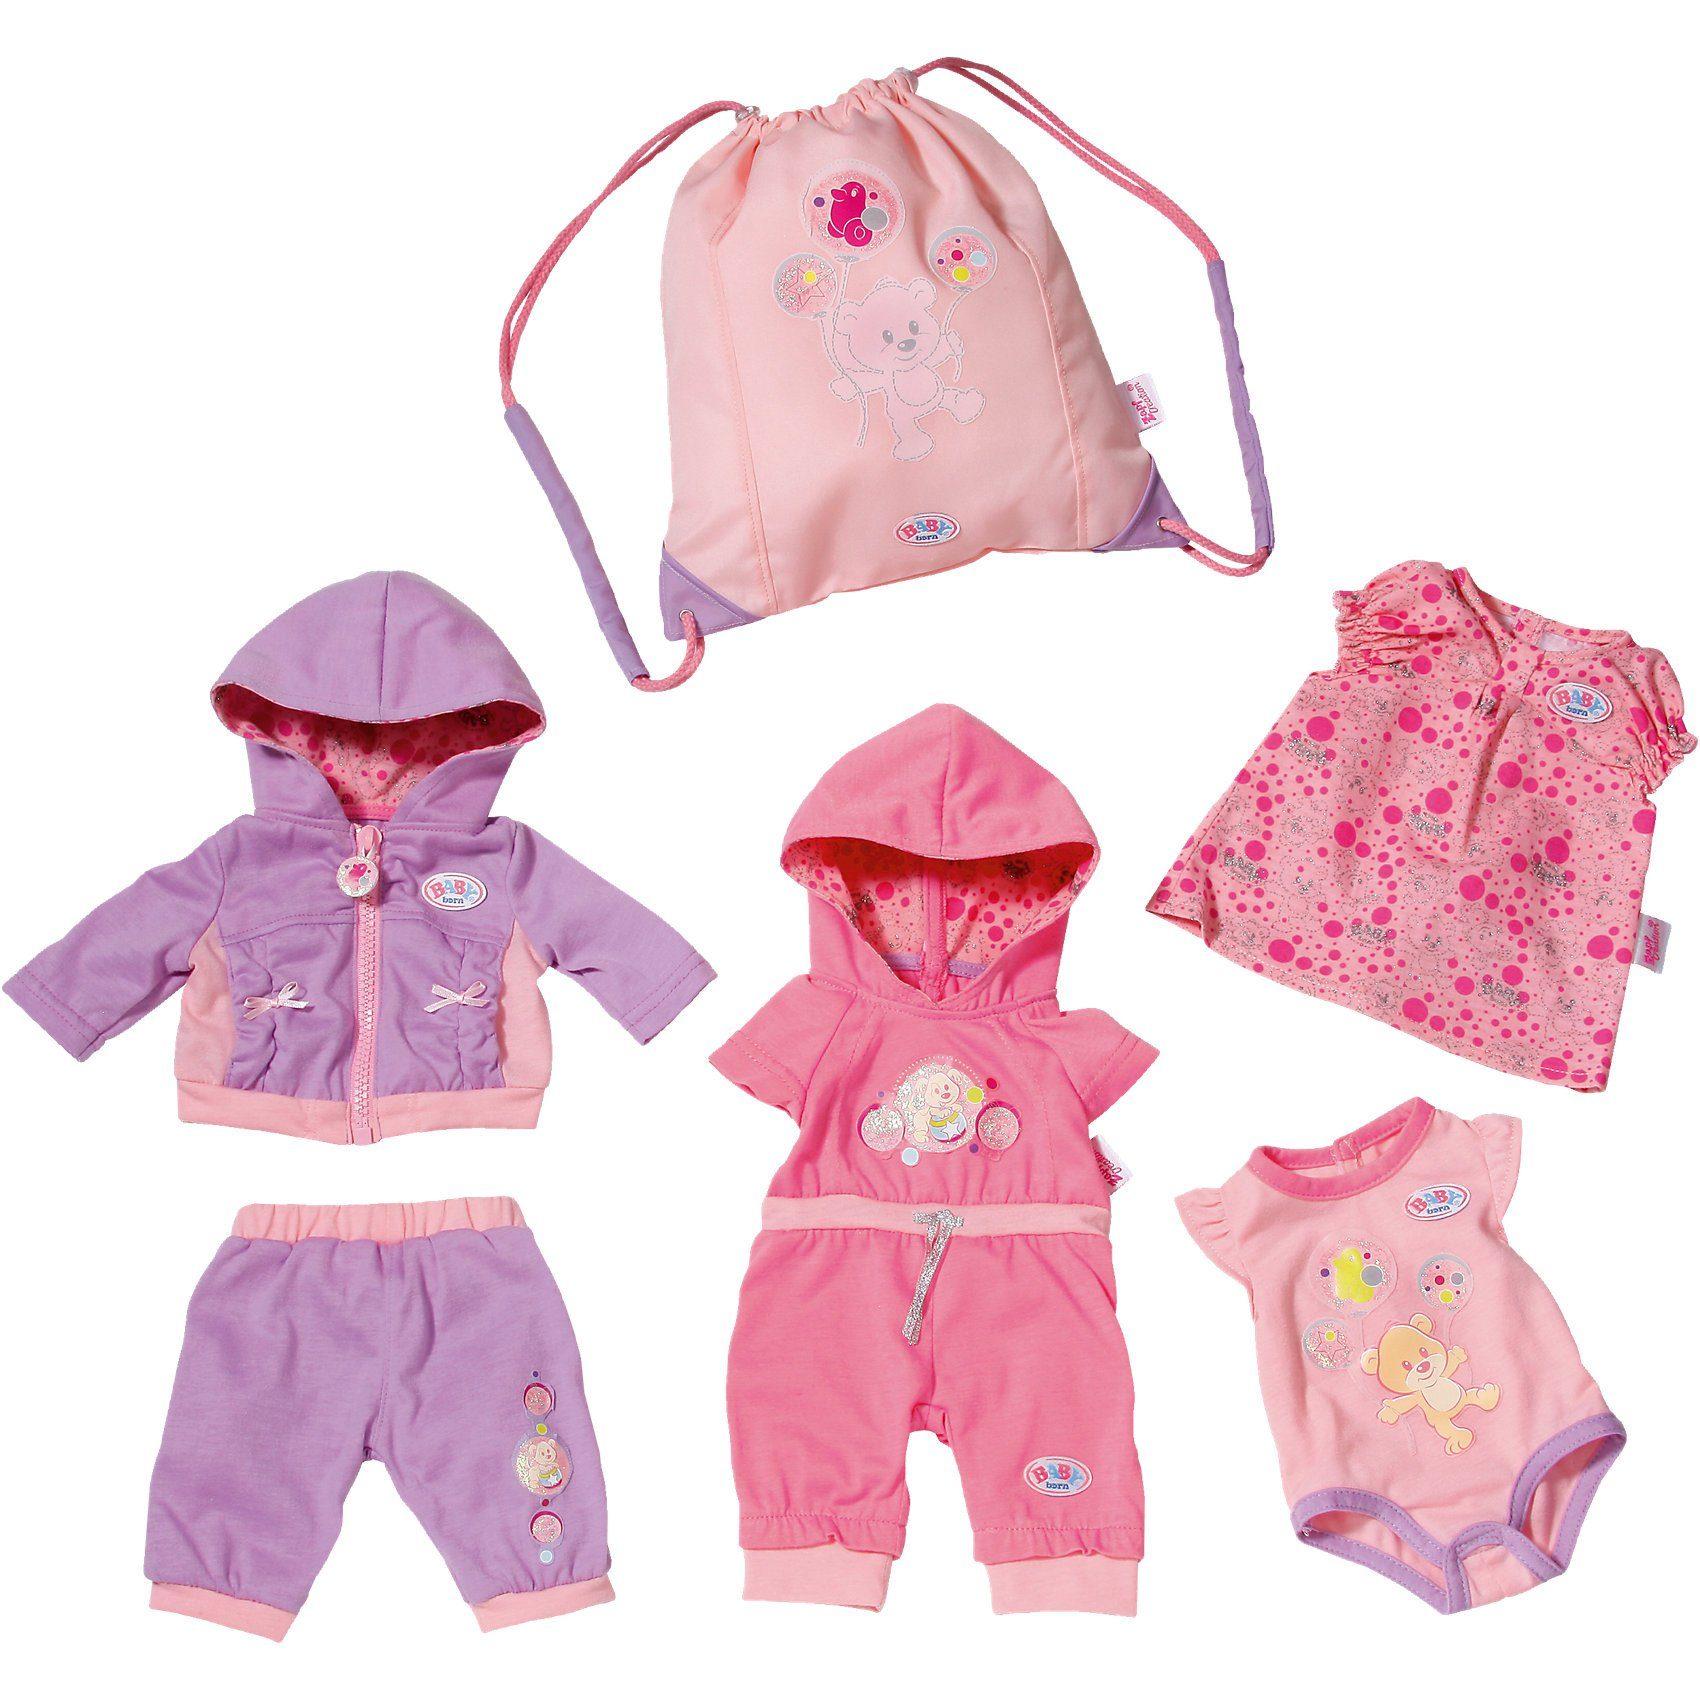 Puppen & Zubehör Babypuppen & Zubehör Puppenkleidung Baby Born 43 cm